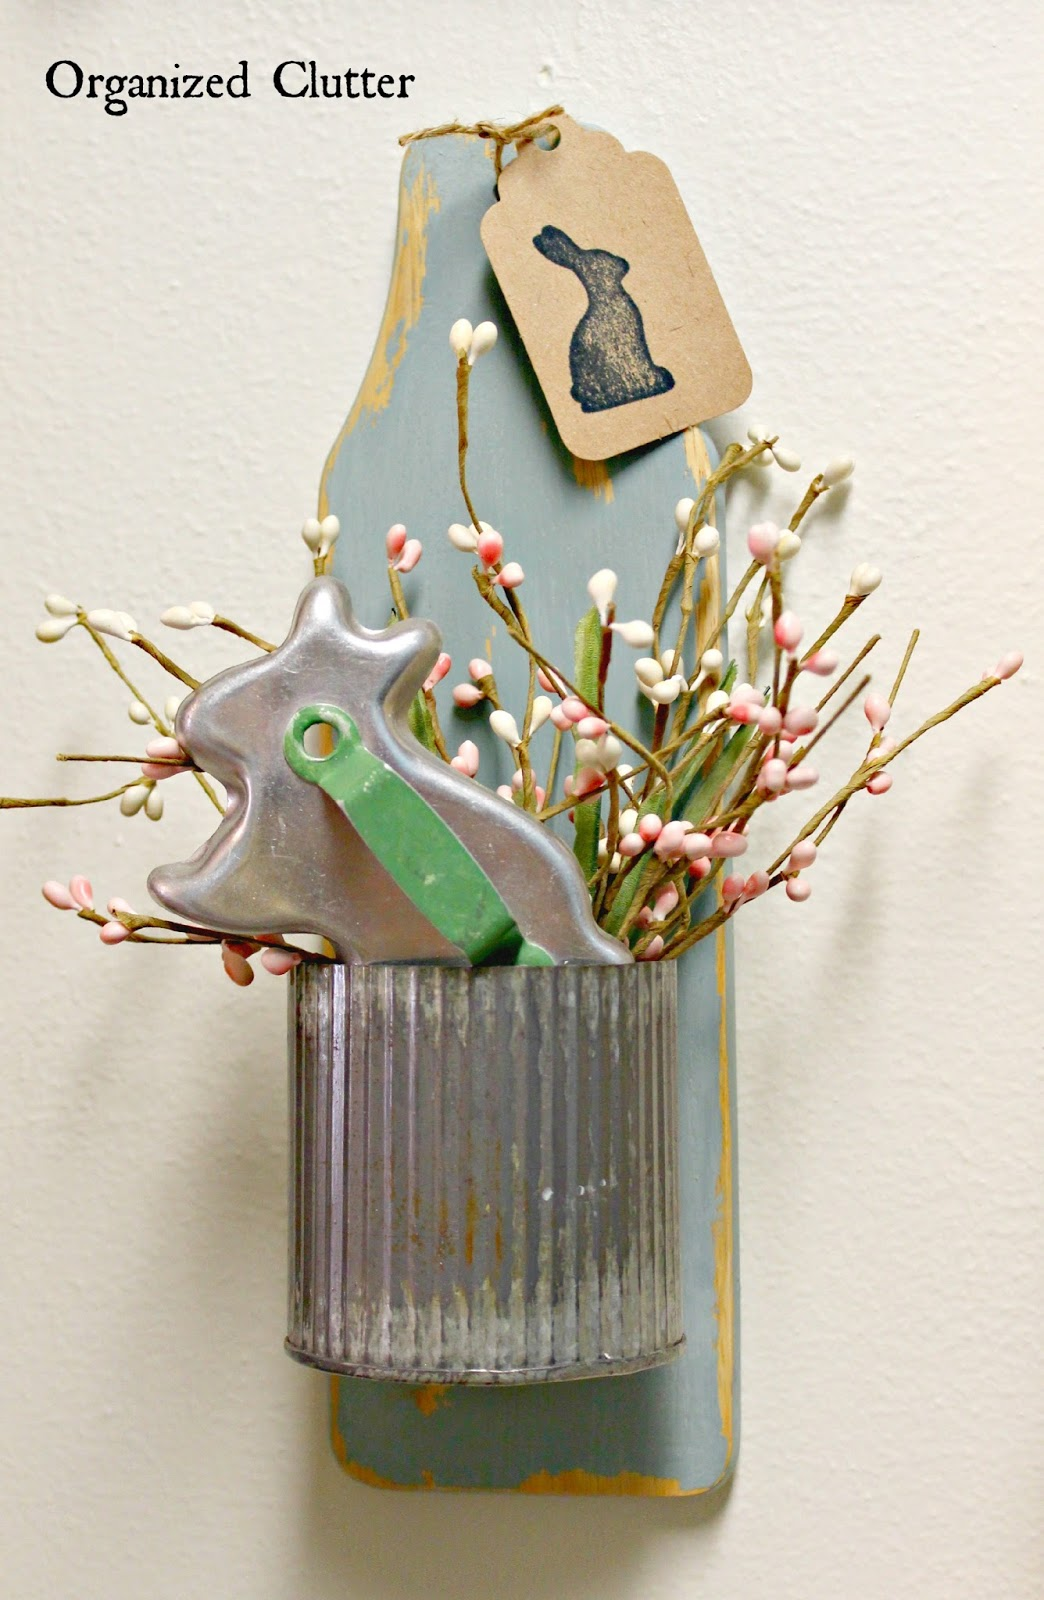 Repurposed Cutting Board www.organizedclutter.net